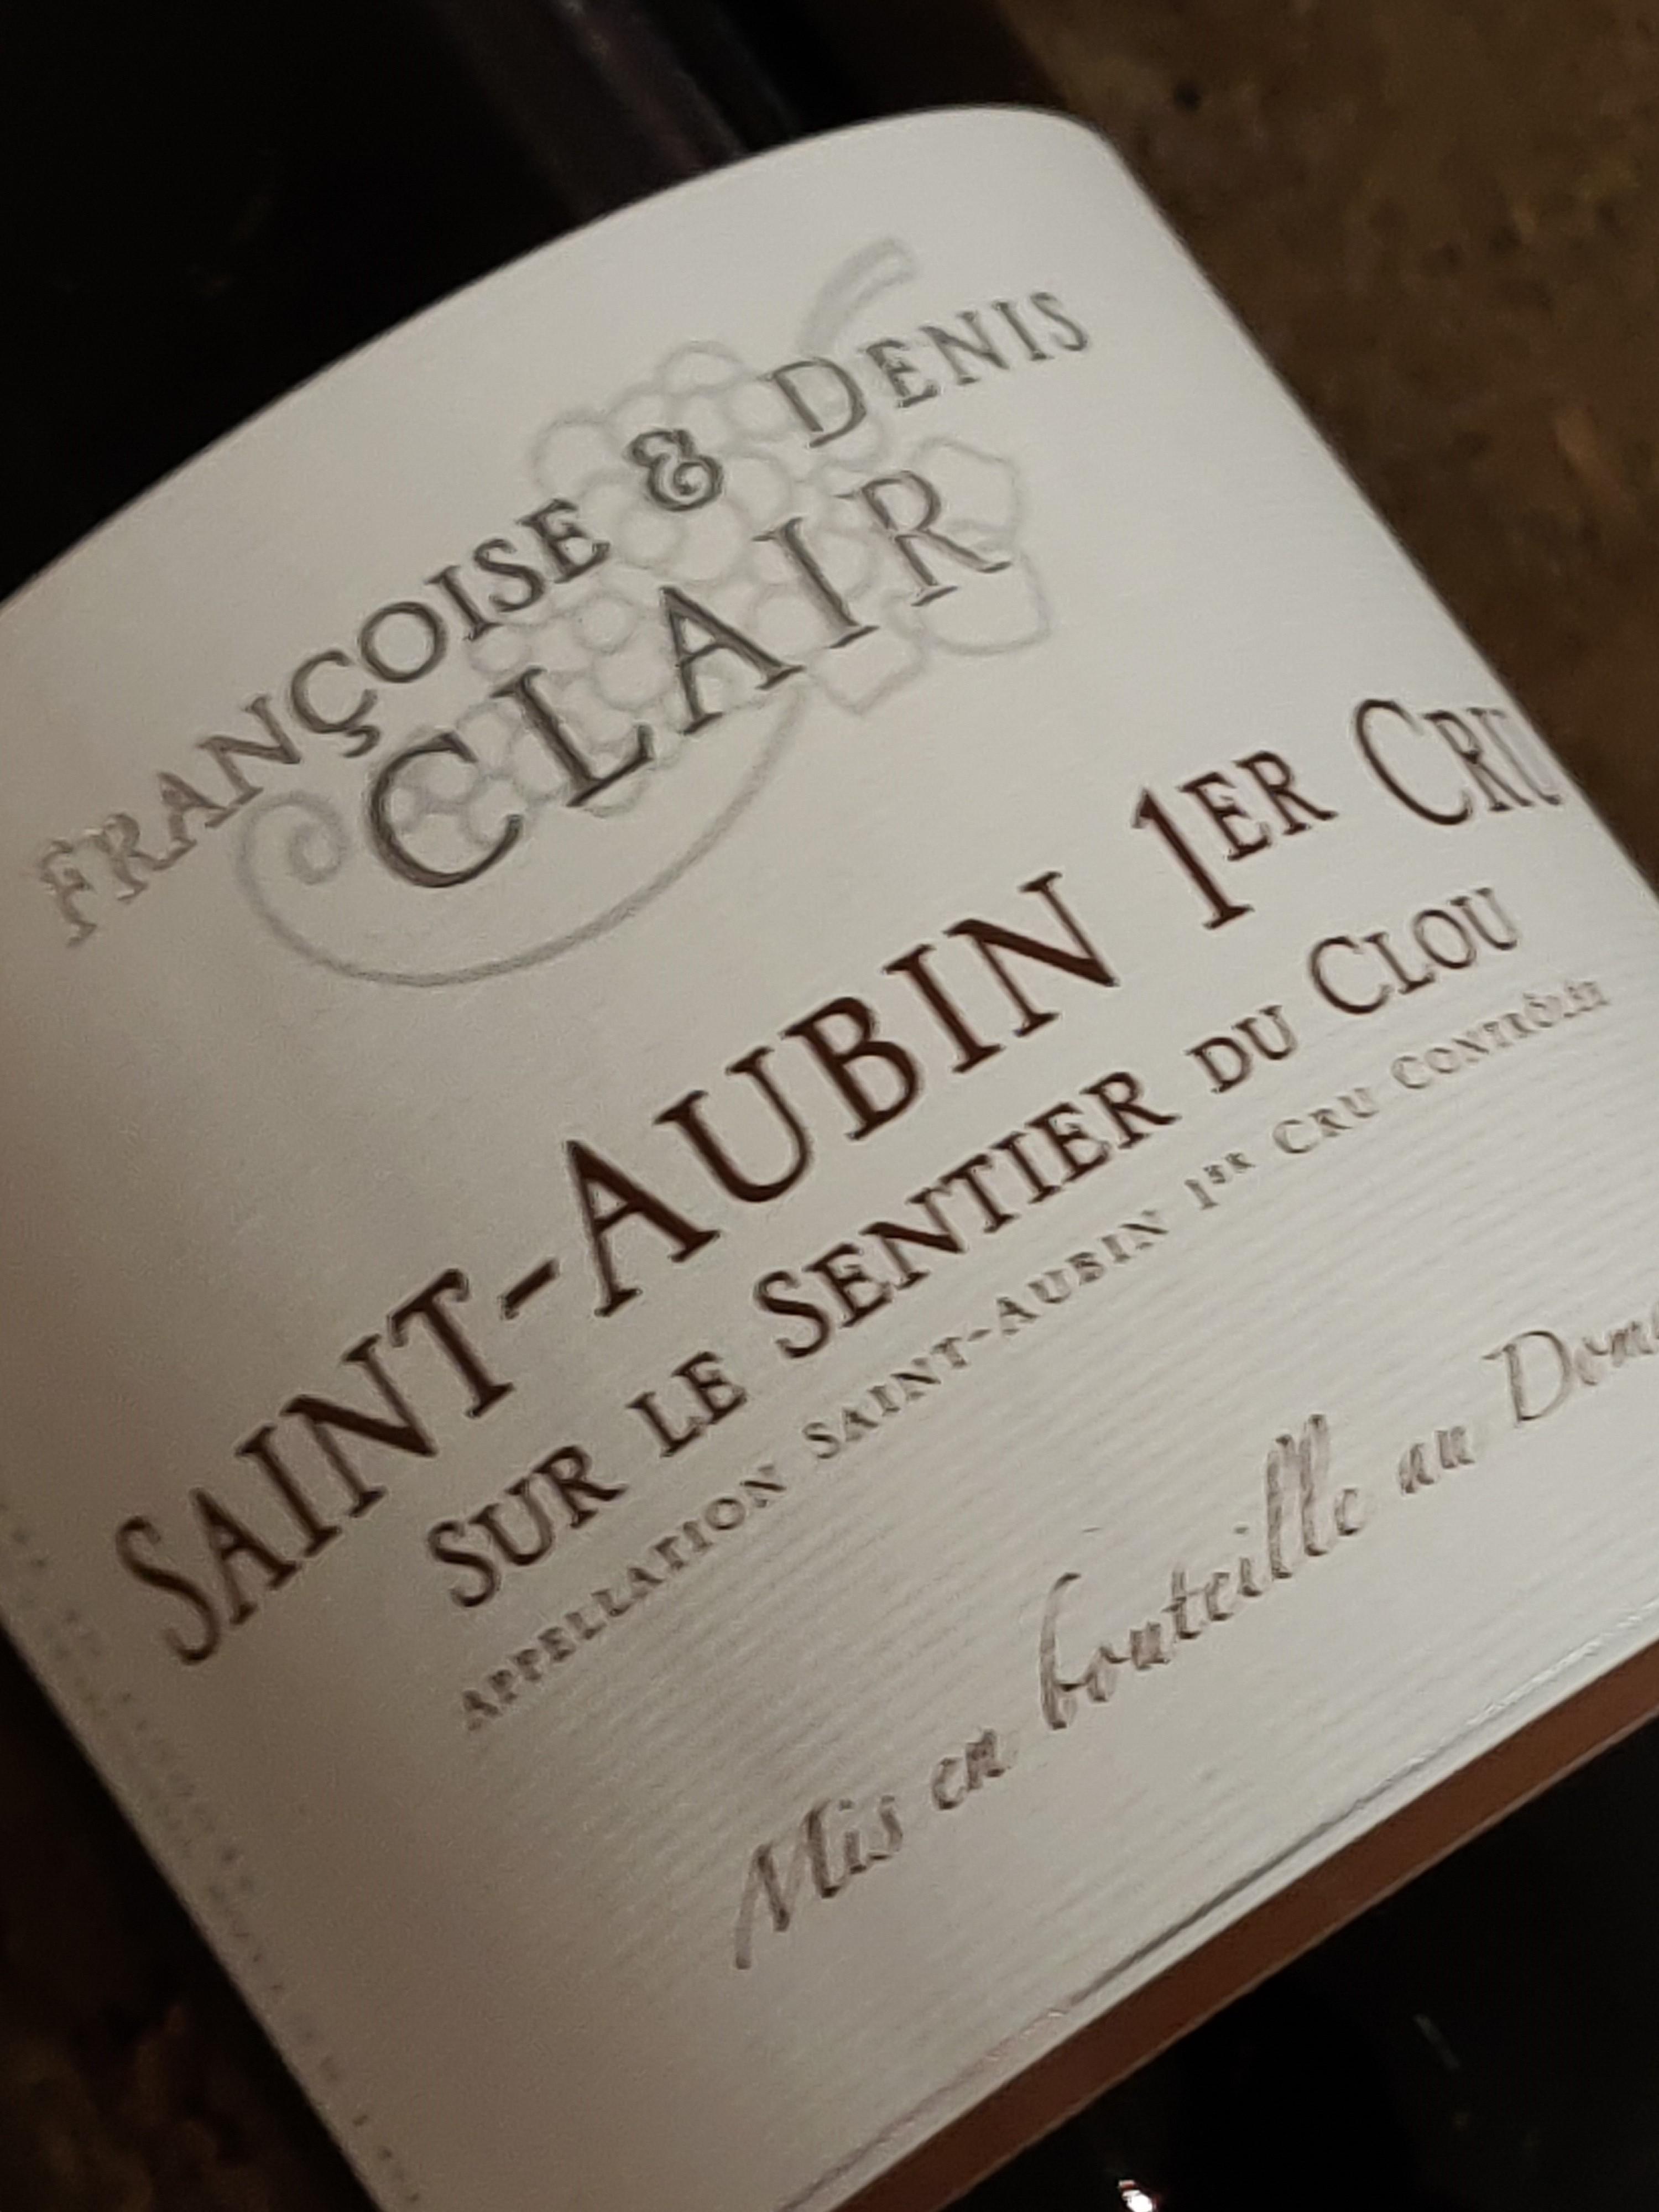 Domaine Françoise et Denis CLAIR